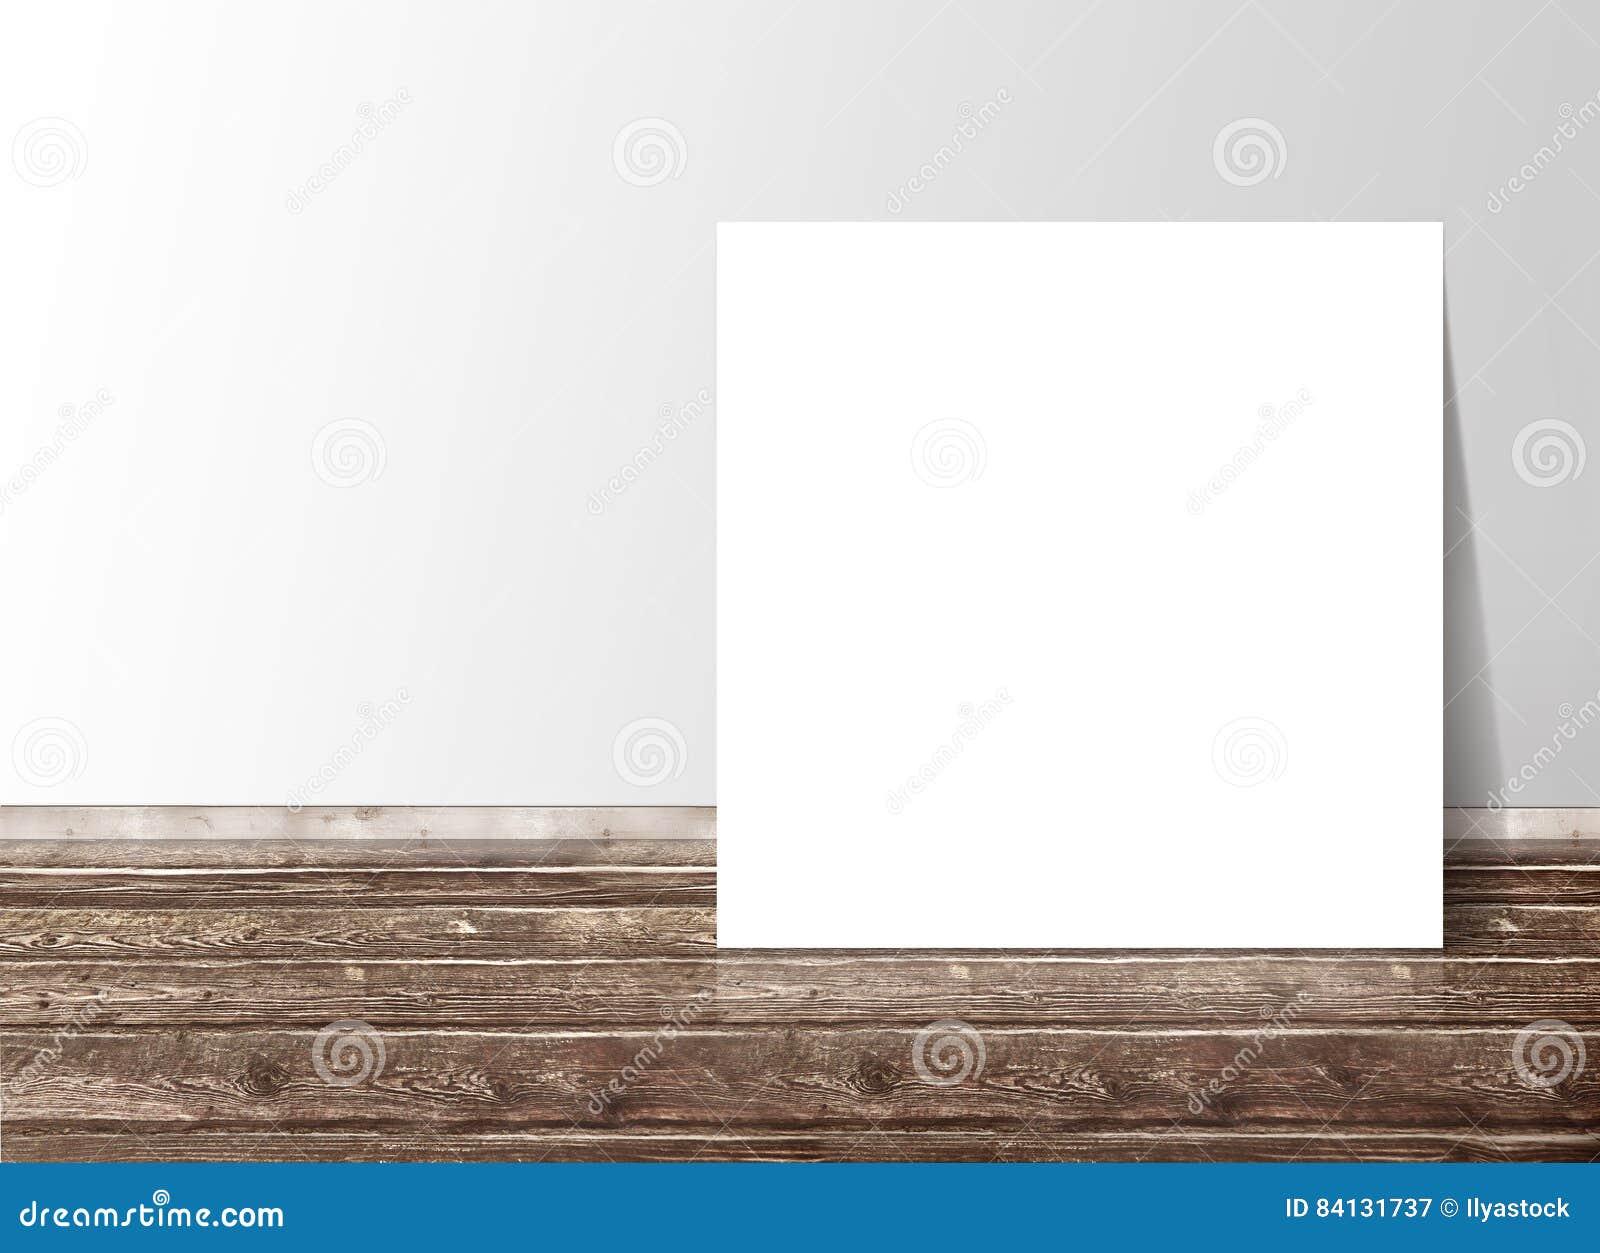 как сделать фото квадратным с белыми полями закупки проводятся